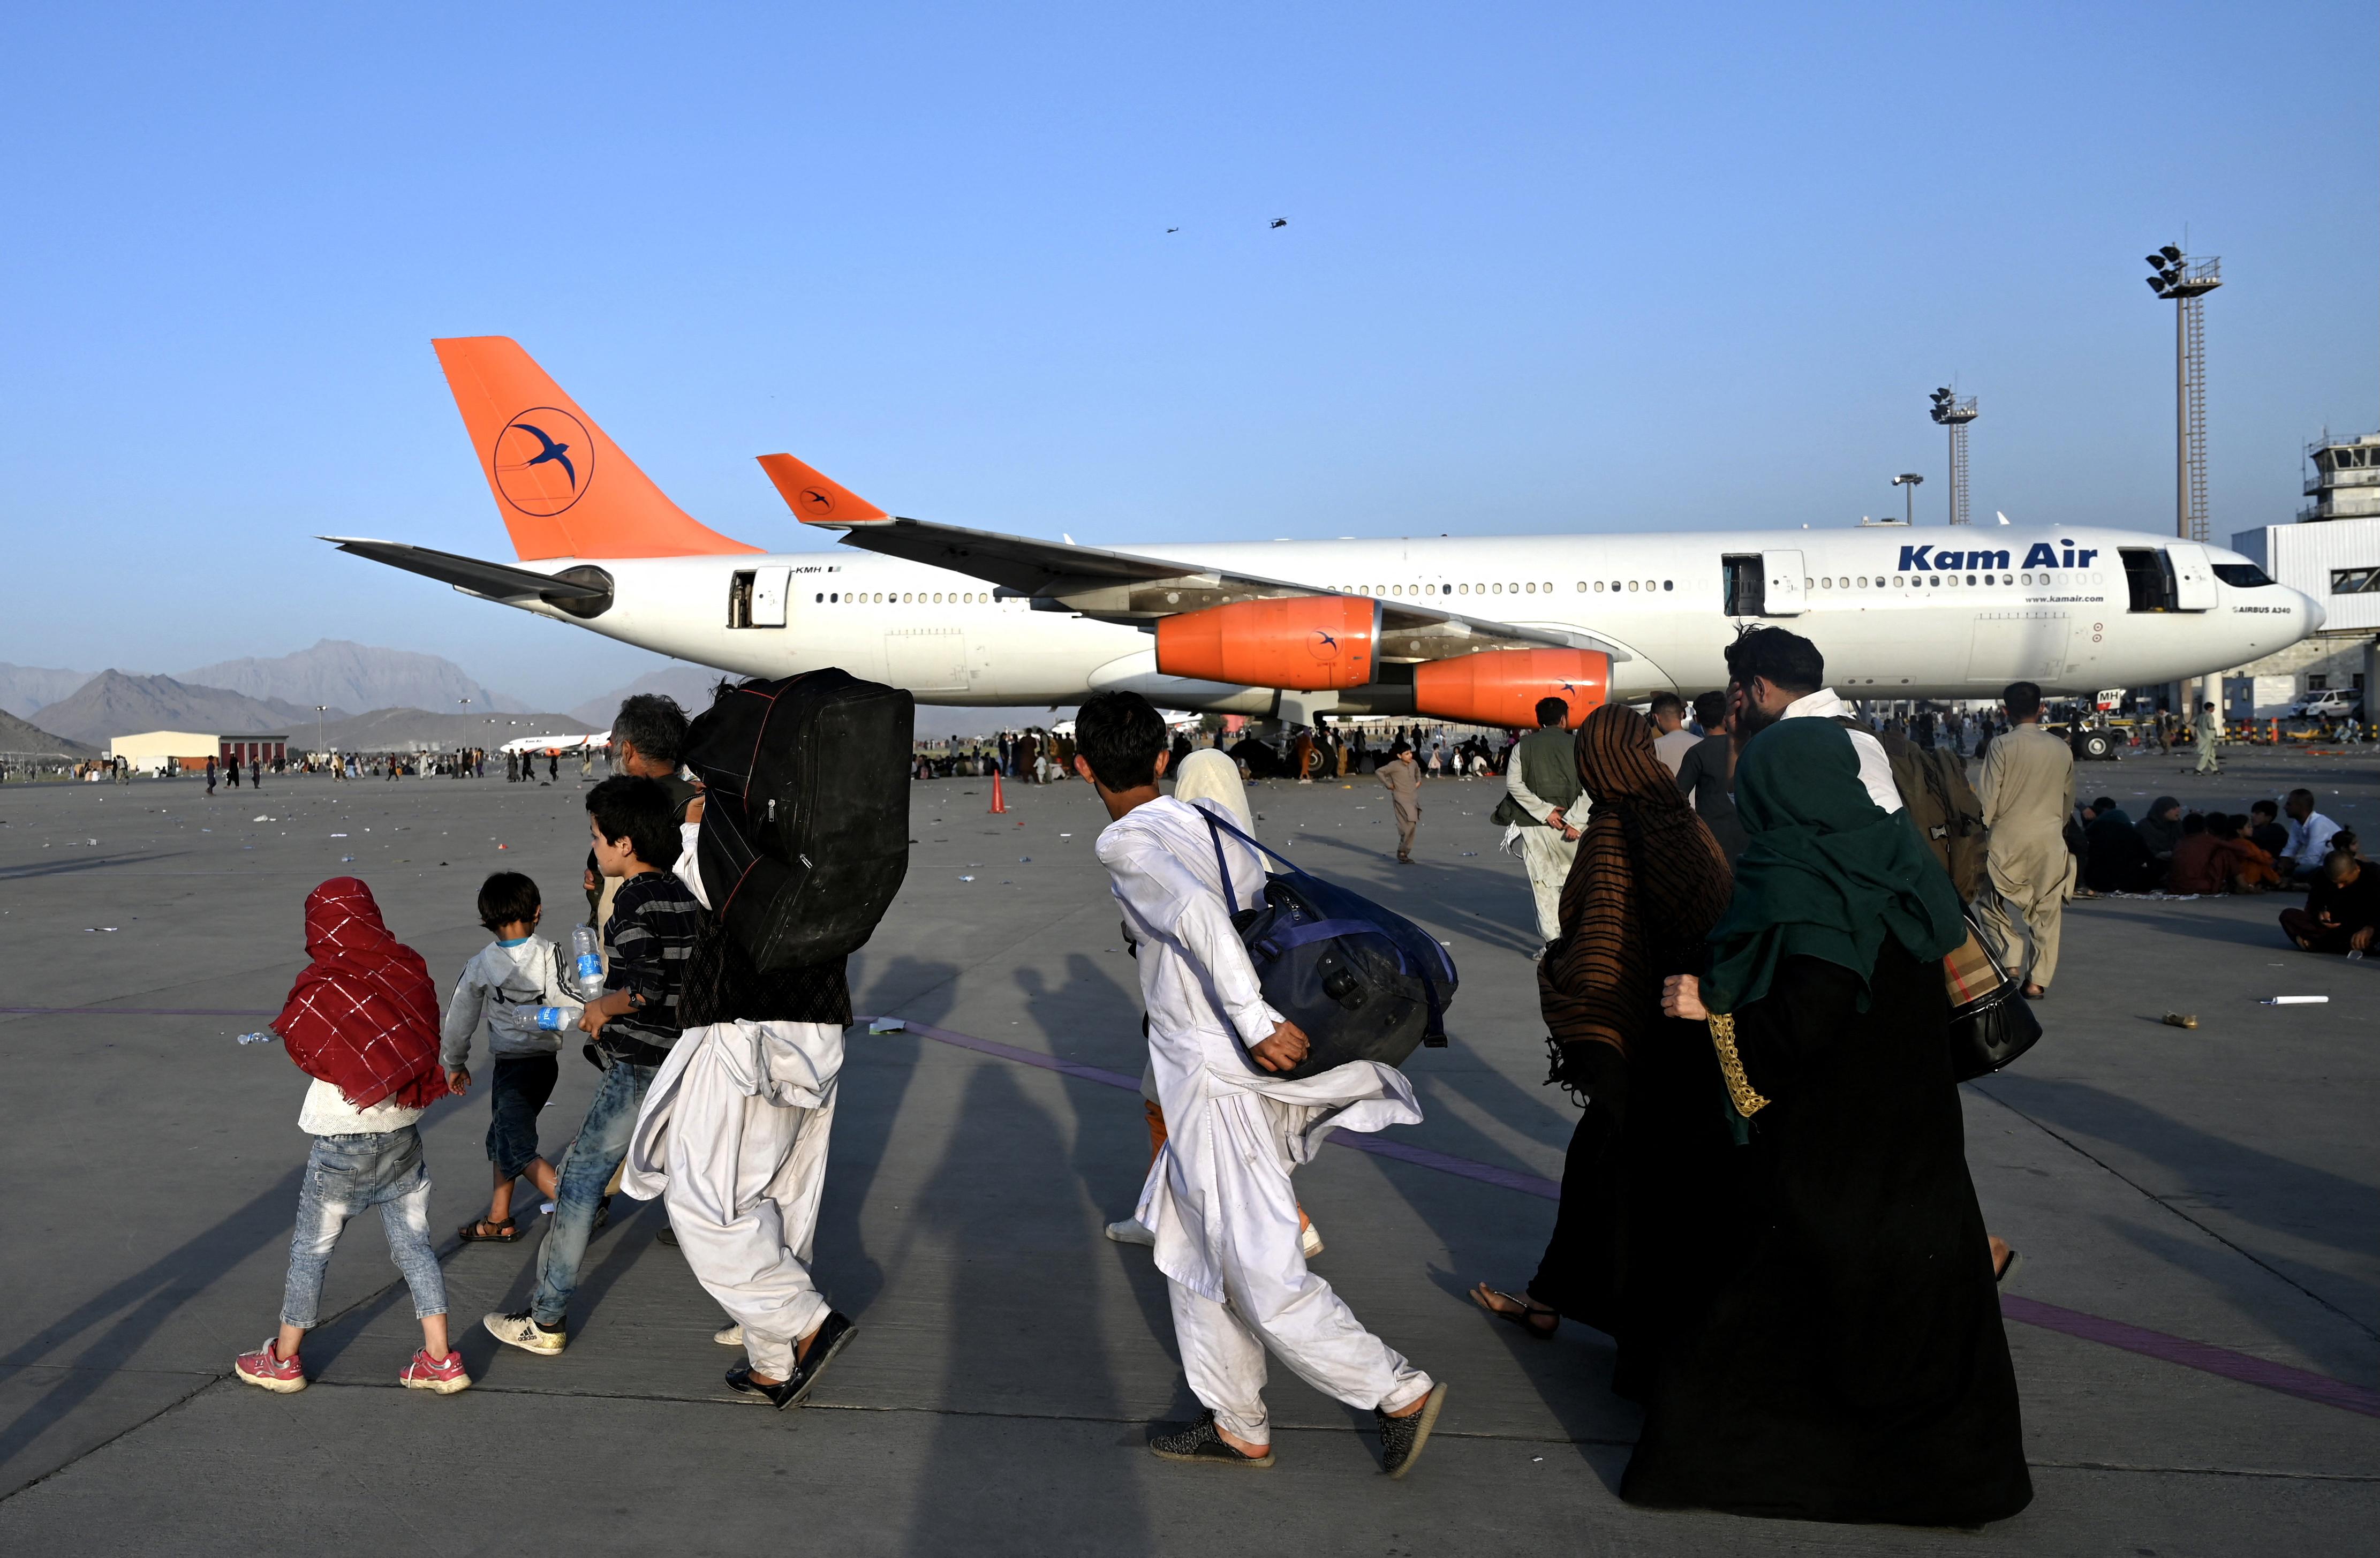 Napi ezer embert menekít ki Nagy-Britannia Kabulból